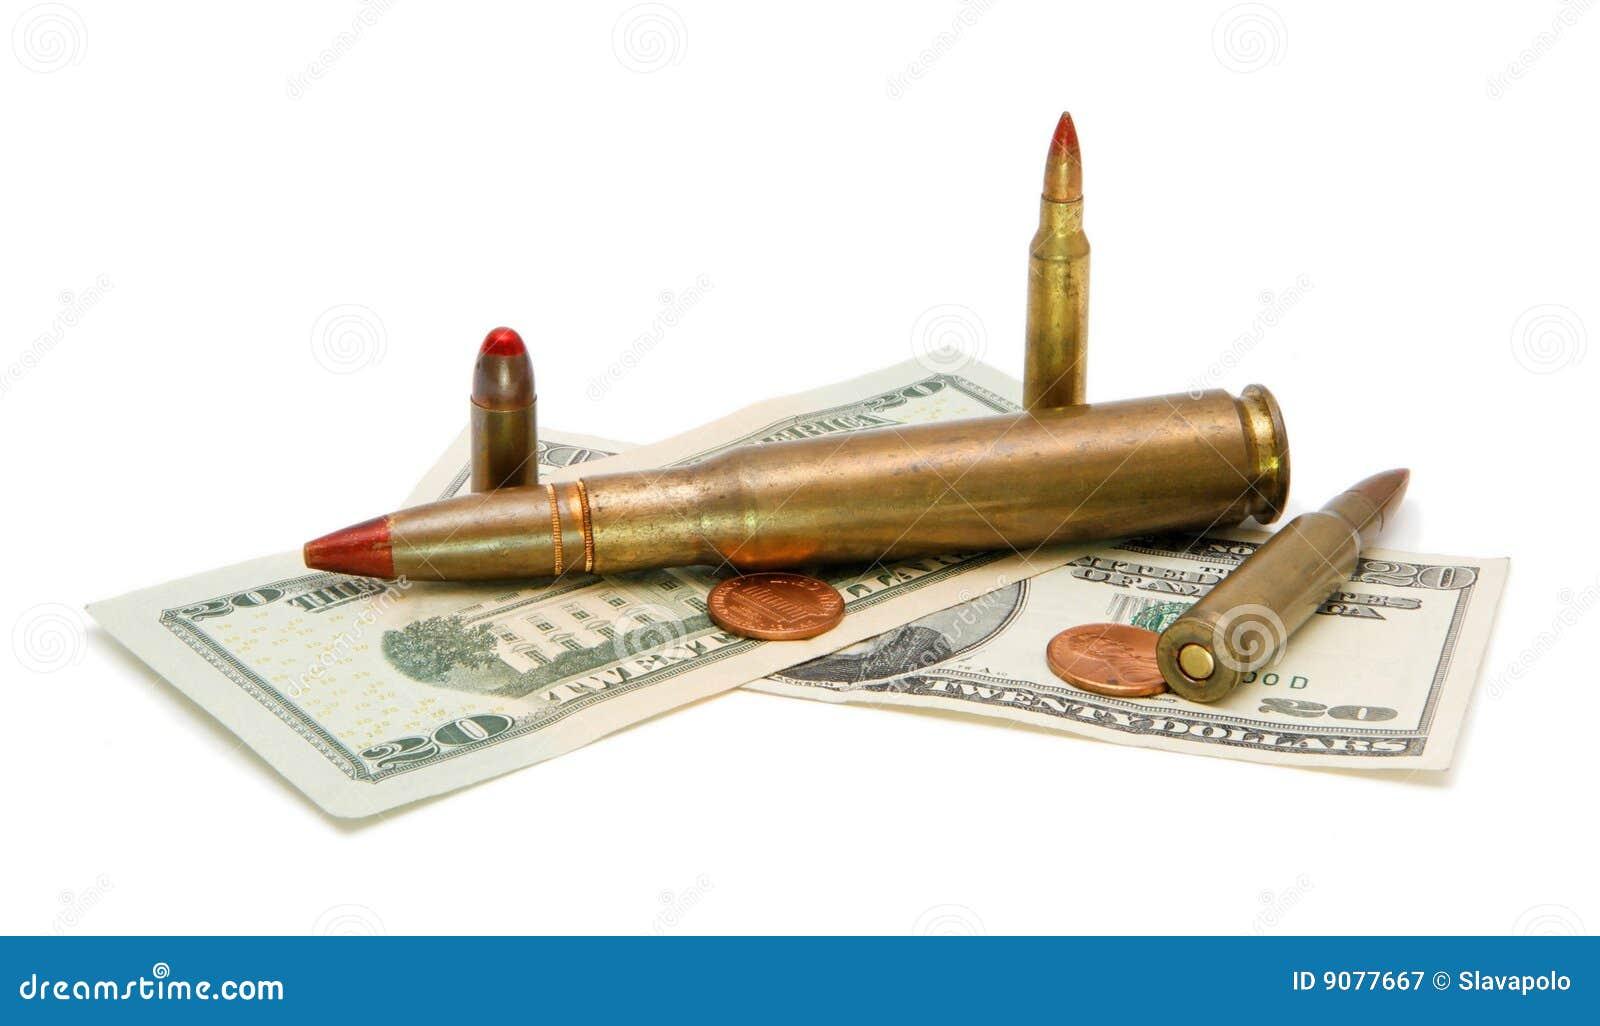 Amerikanisches Geld und Kassetten getrennt